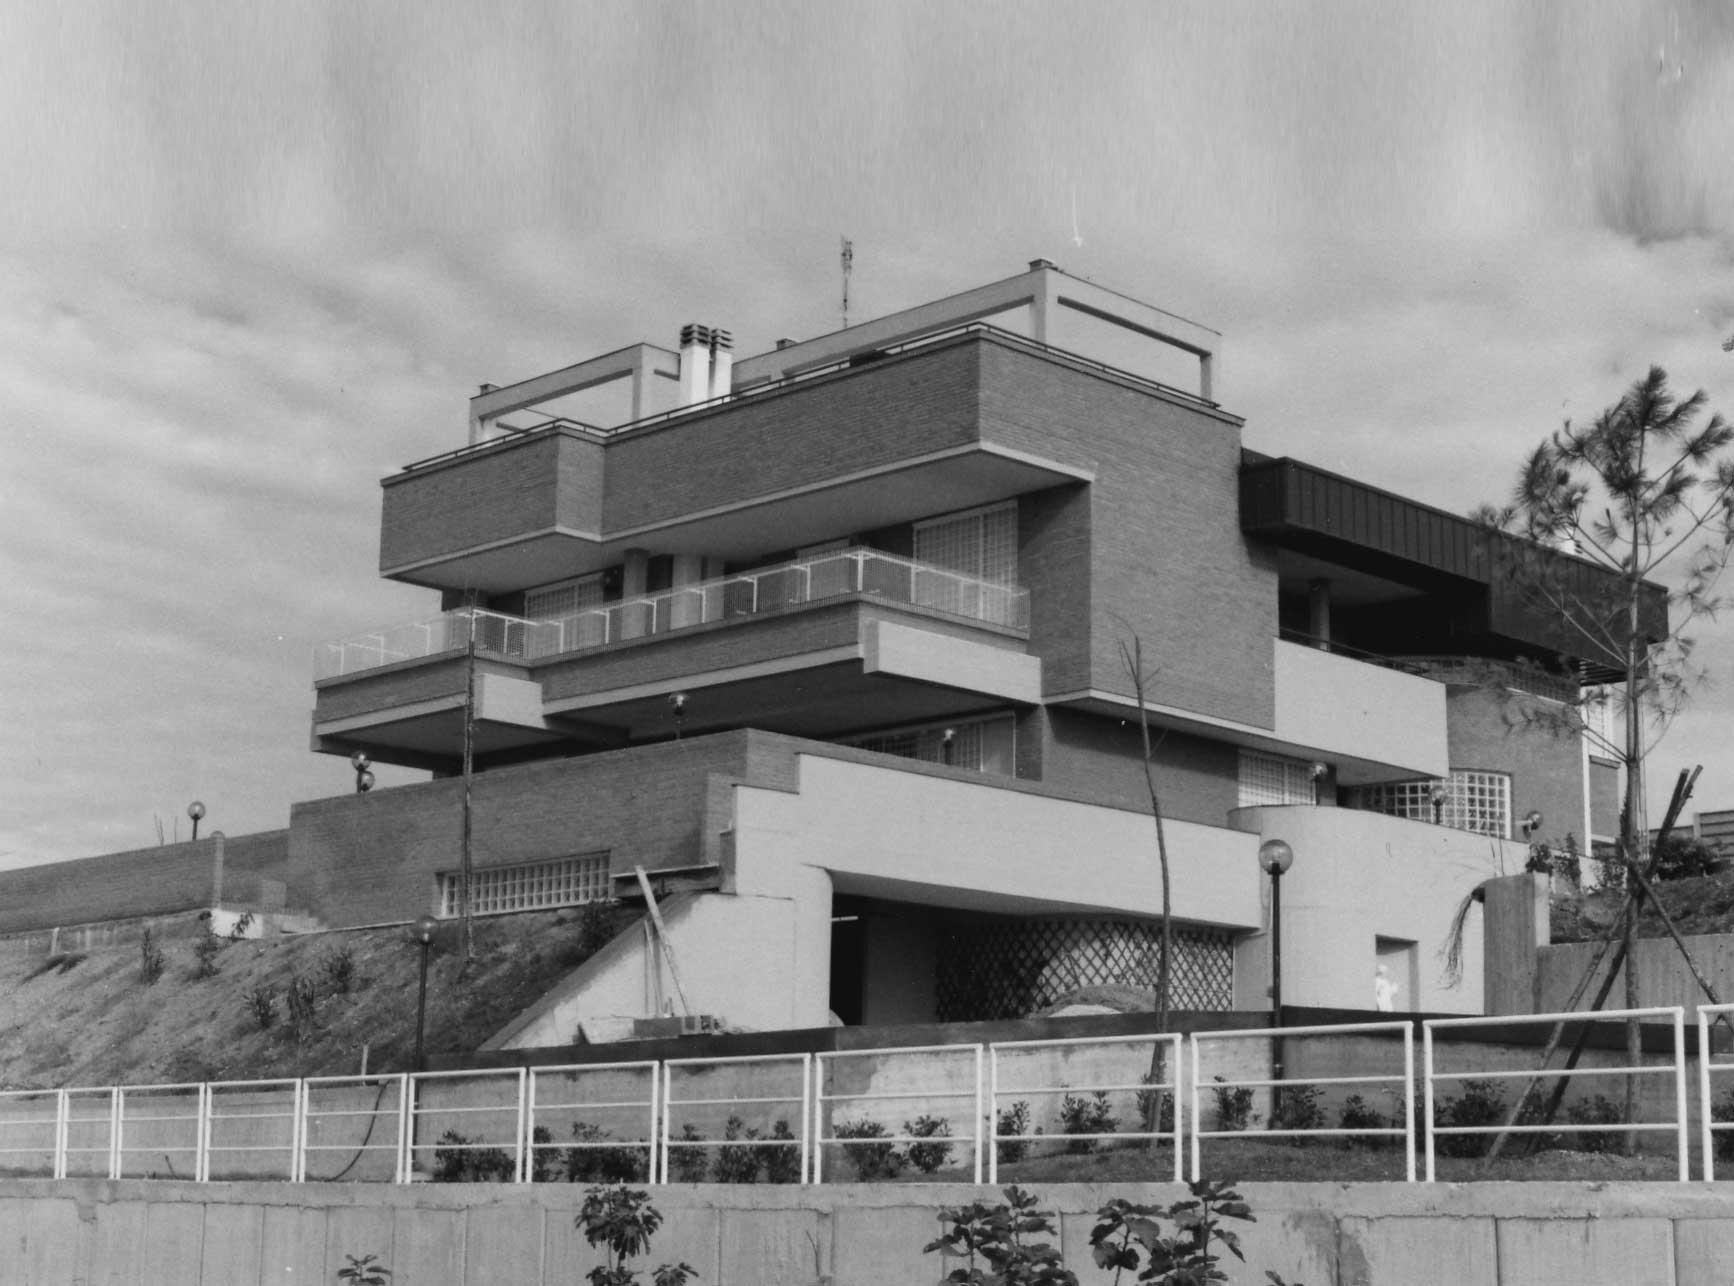 19 - Tre edifici mono e bifamiliari in via Scalo di Settebagni, Roma - Vista esterna